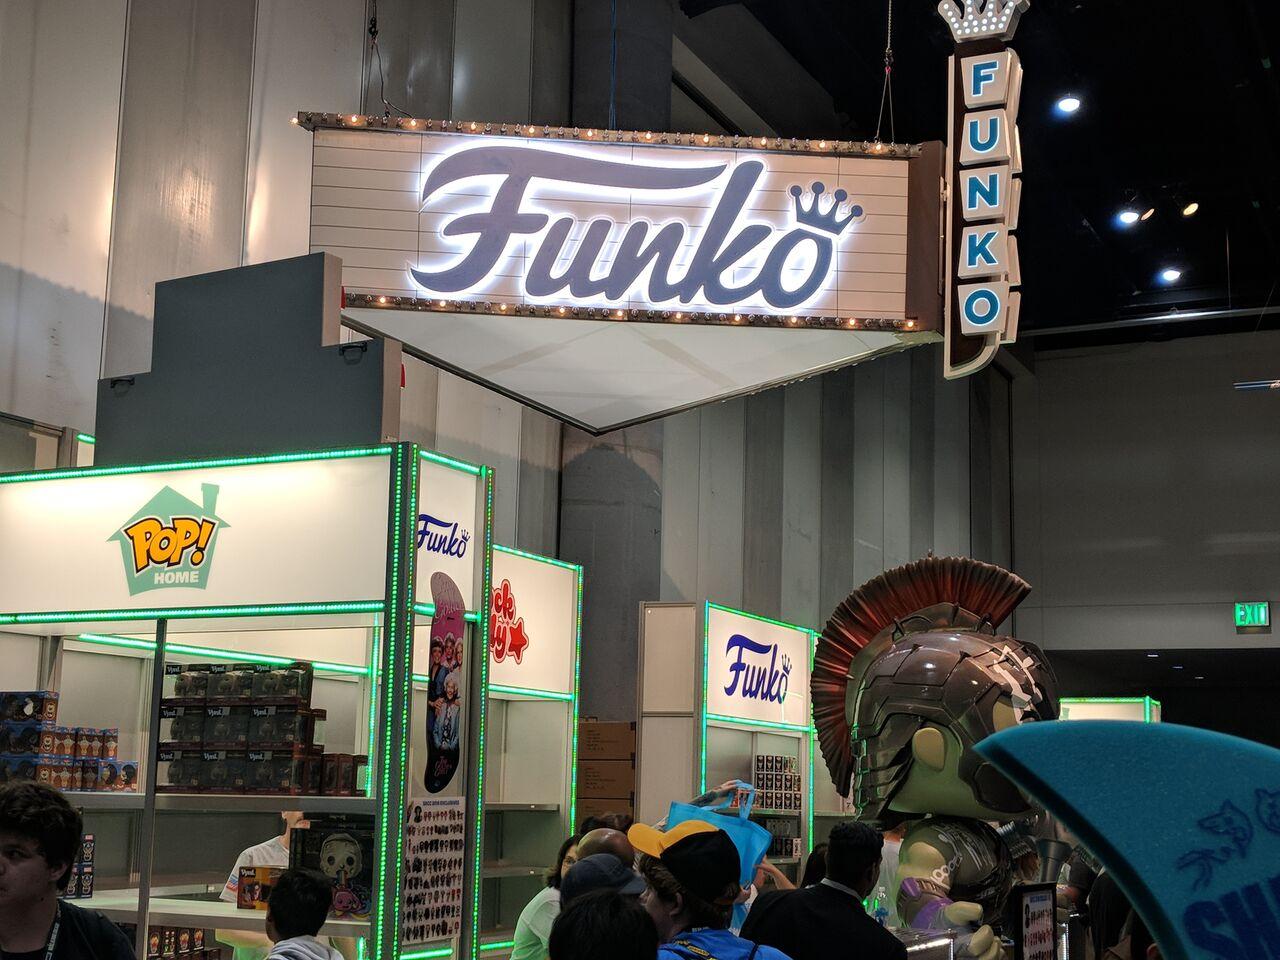 Fun with FUNKO!